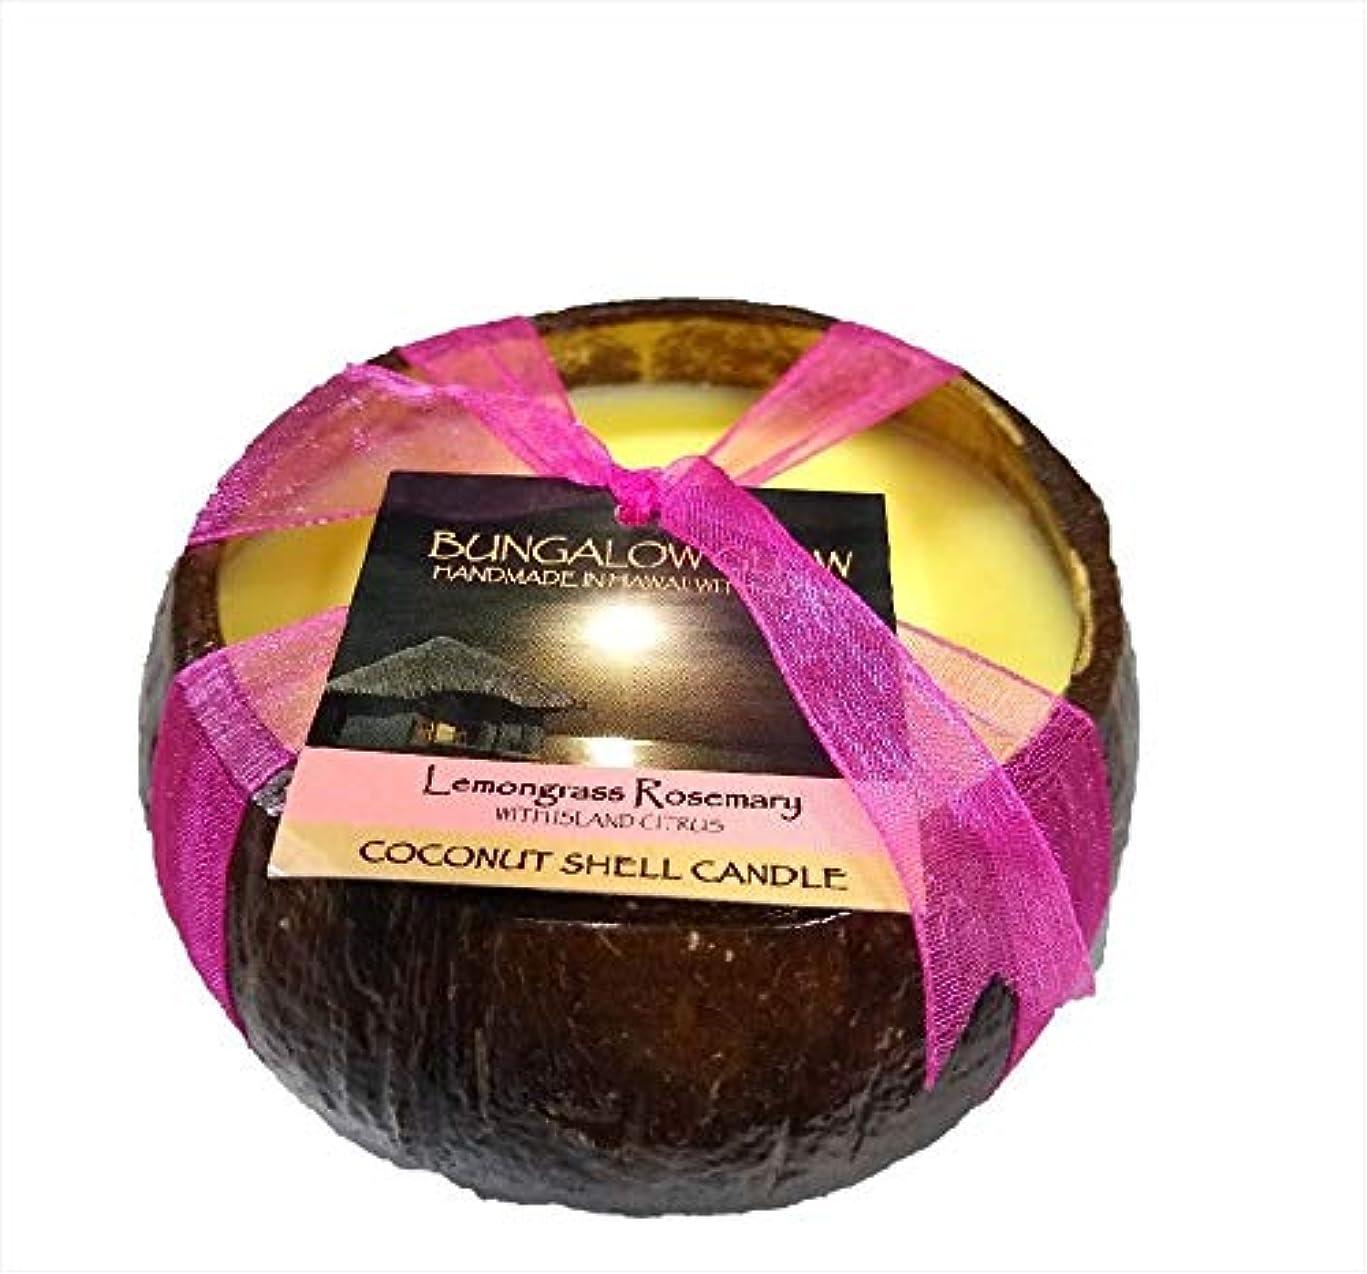 一月謝罪出撃者【正規輸入品】 バブルシャック?ハワイ Bubble shack Coconut Shell candle ココナッツシェルキャンドル lemongrass rosemary レモングラスローズマリー 500g